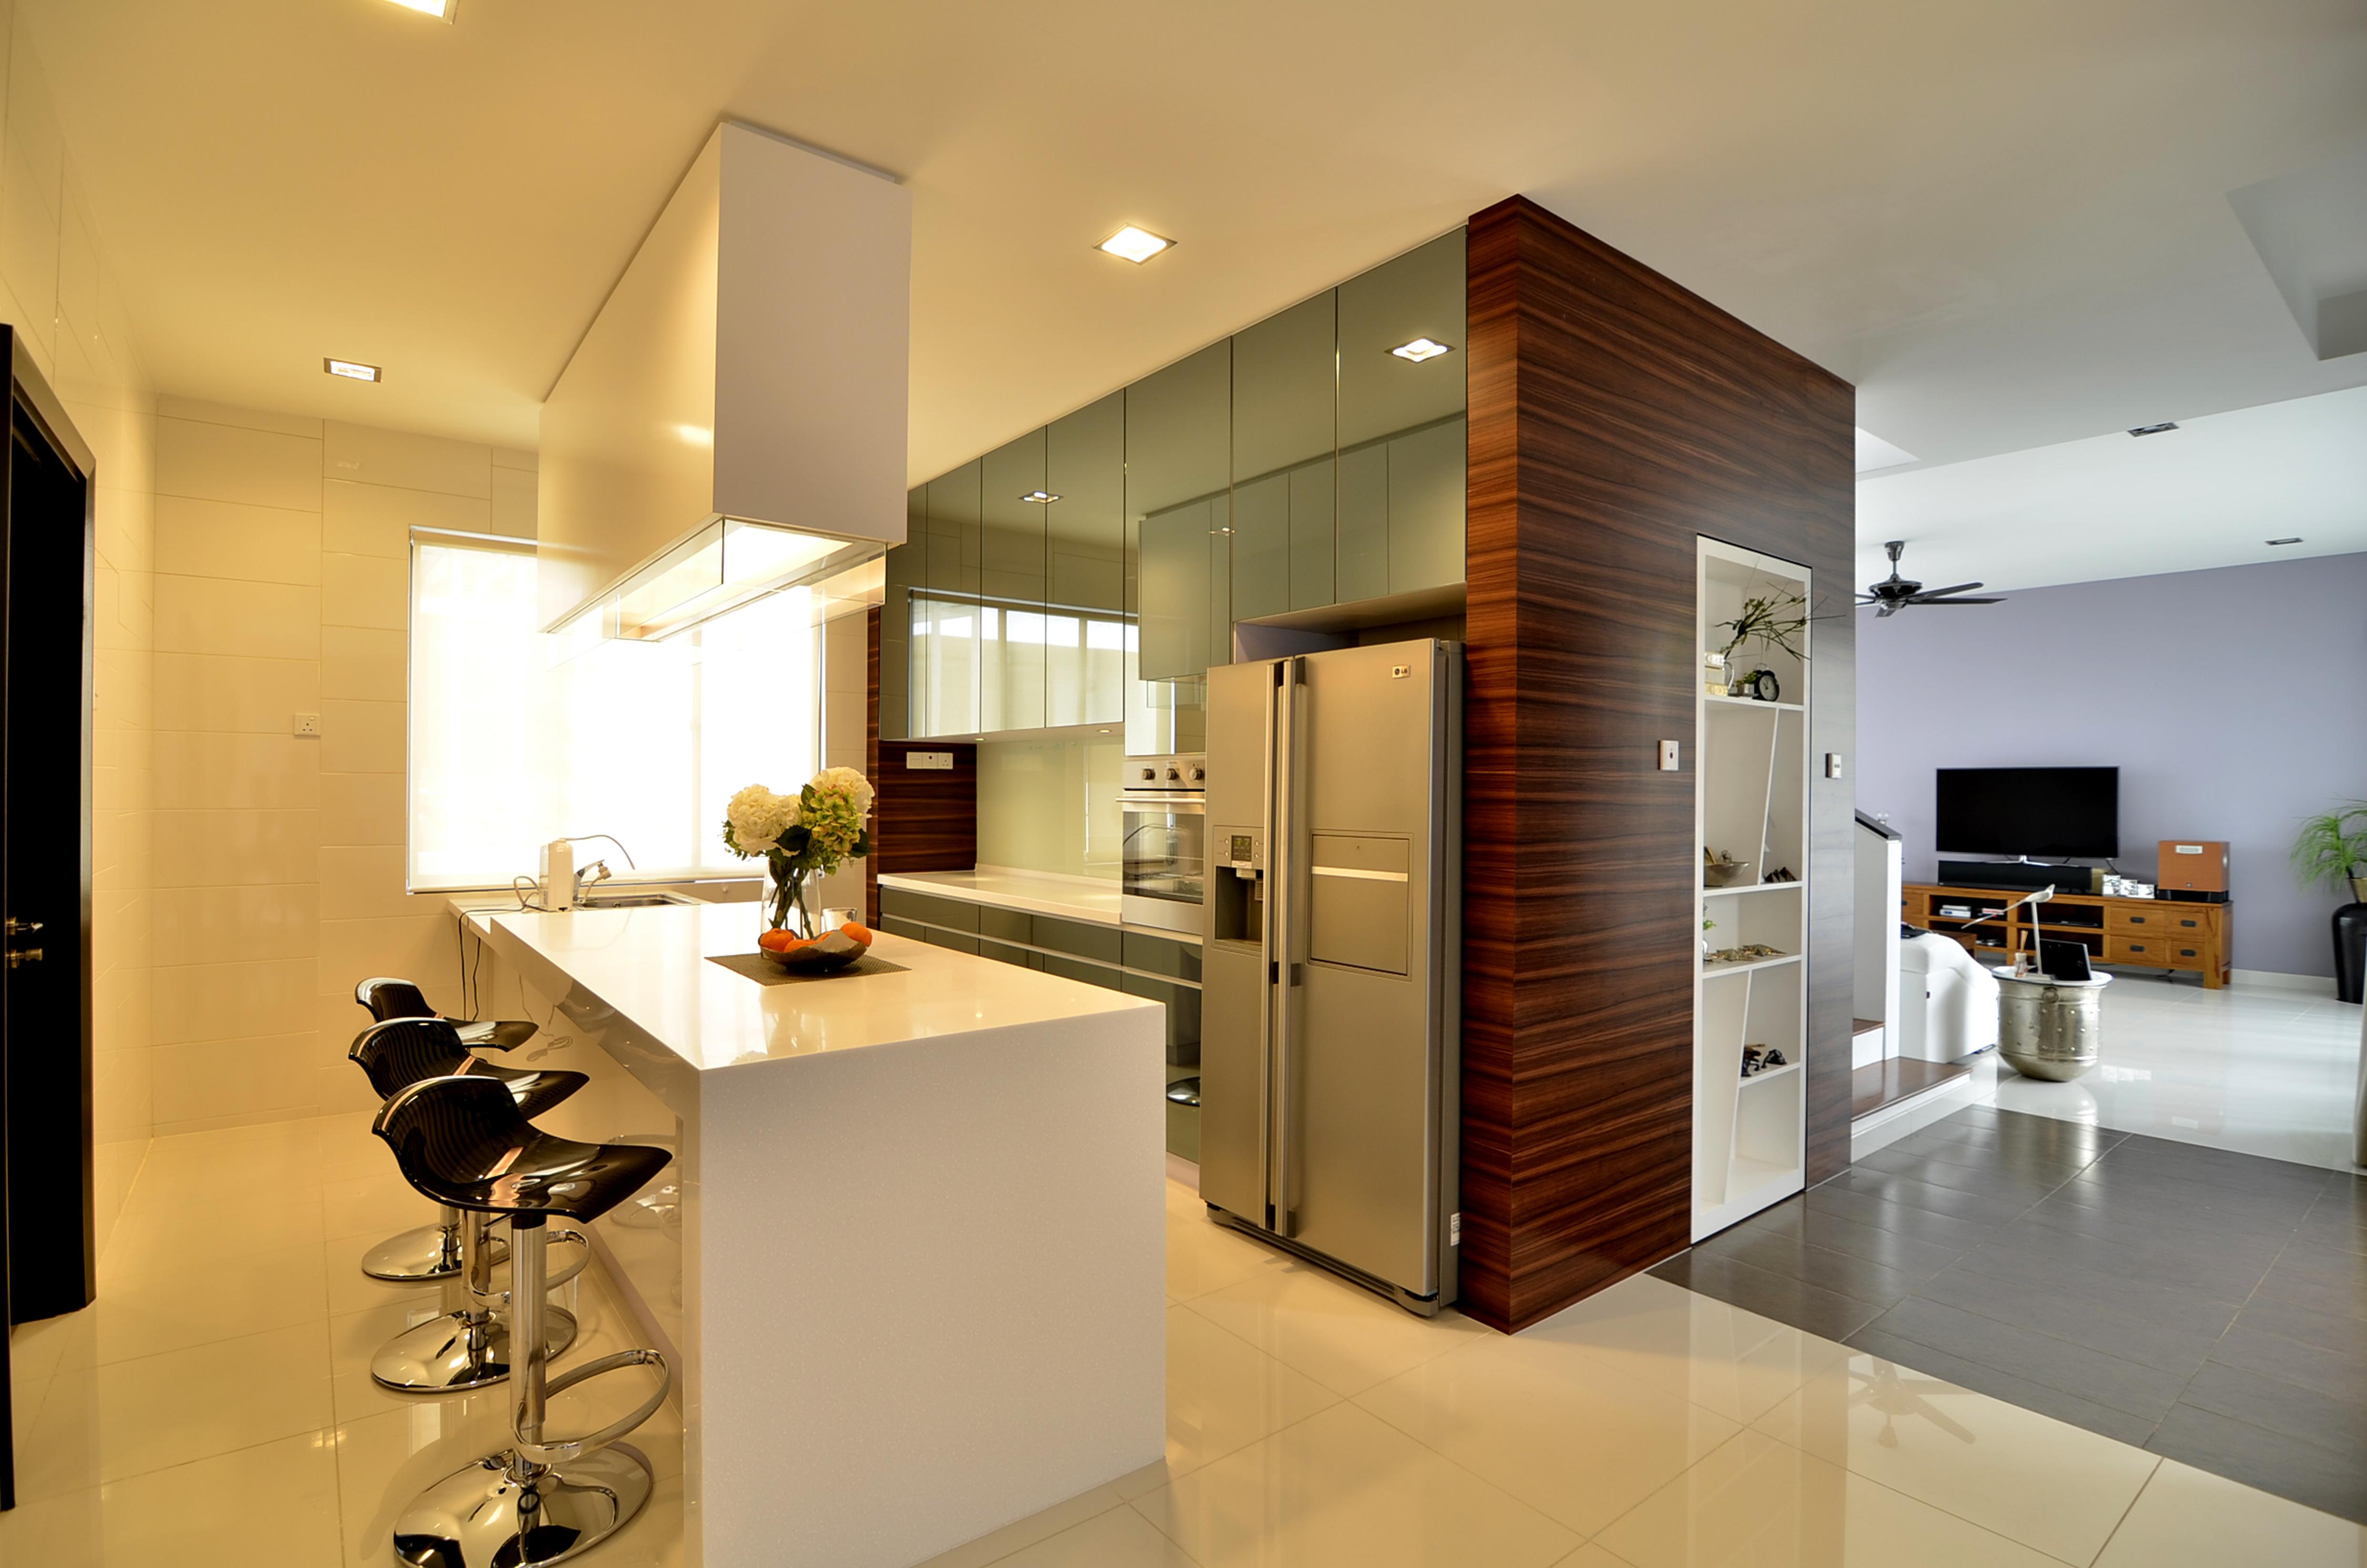 View In Gallery Kabinet Dapur Dengan Storage Serta Mini Bar Berwarna Putih